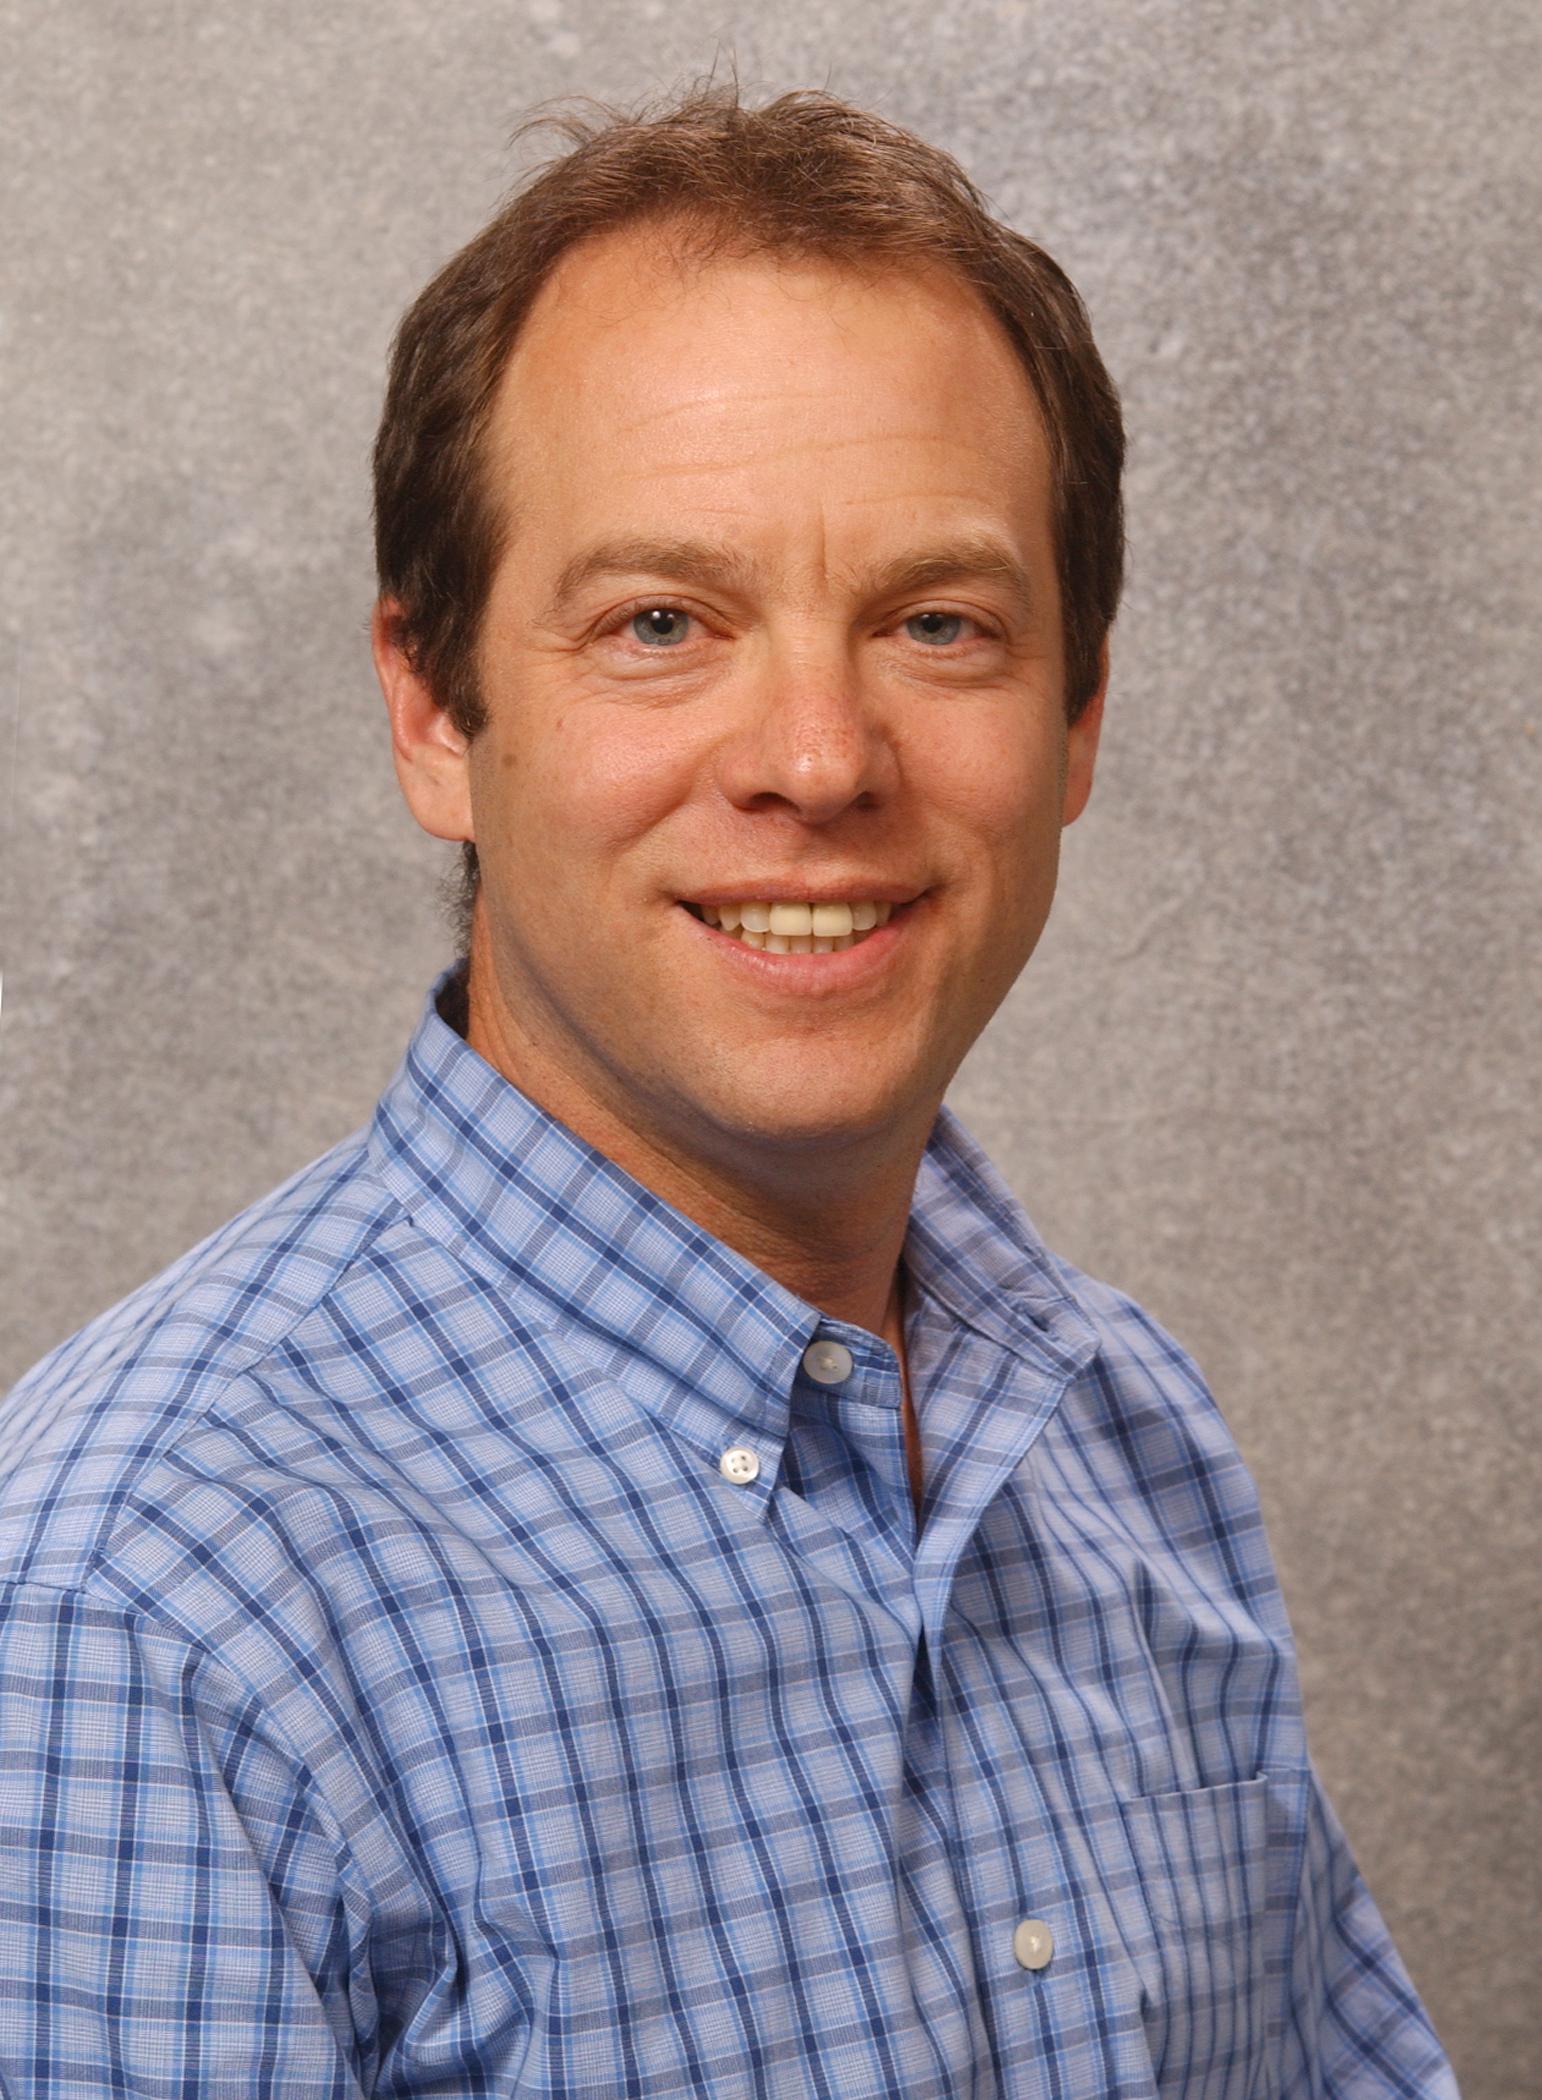 Dr. Eric Sigel